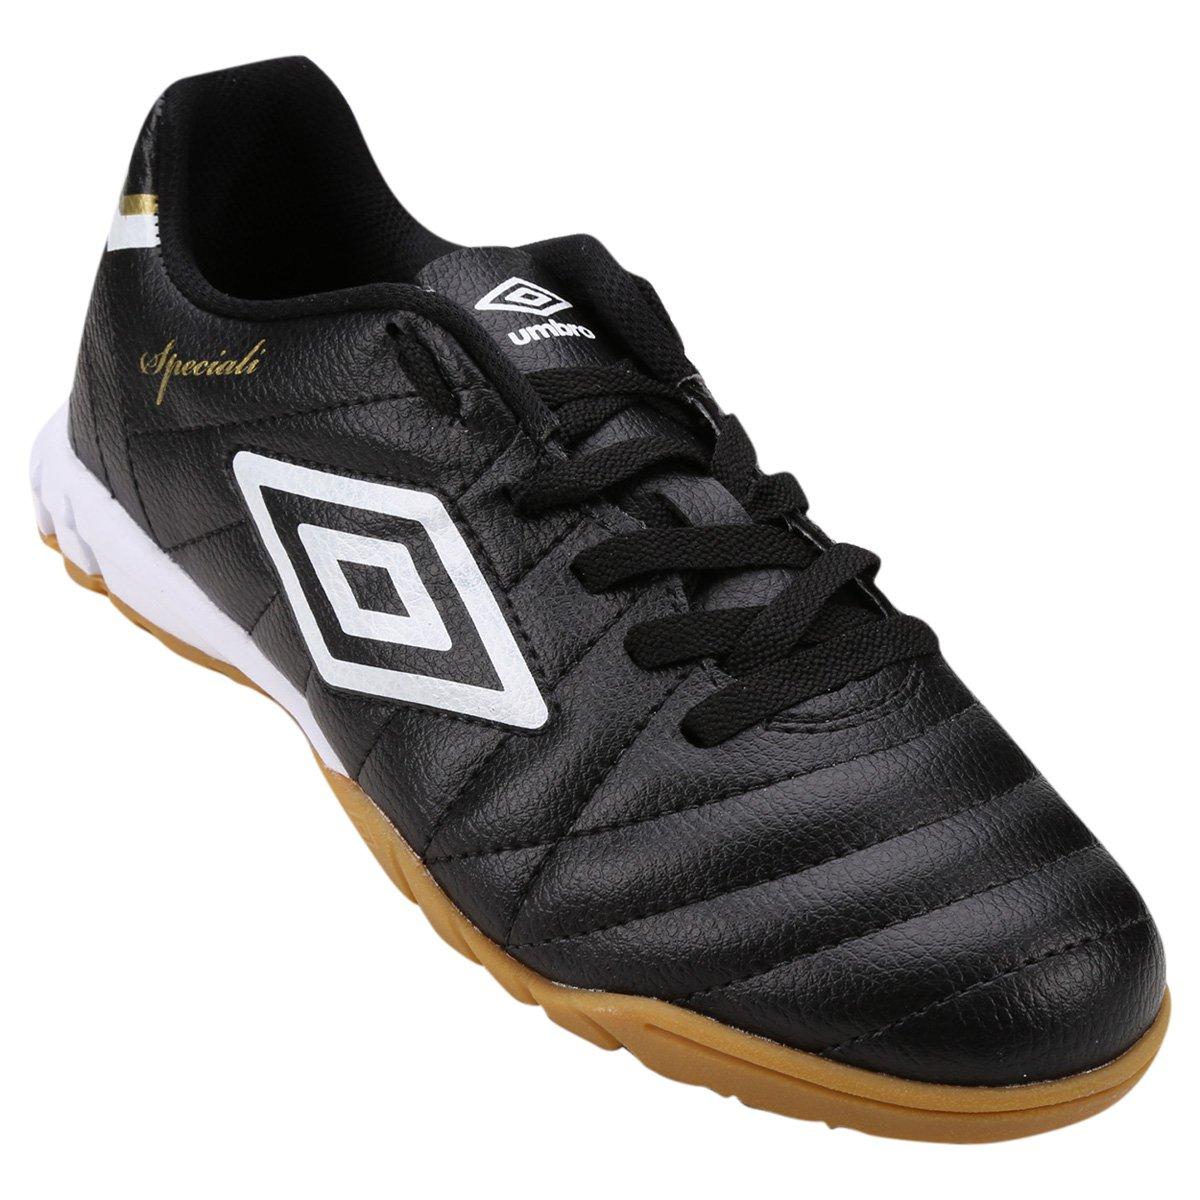 2248d94b5e8b8 Chuteira Futsal Umbro Speciali Club - Compre Agora